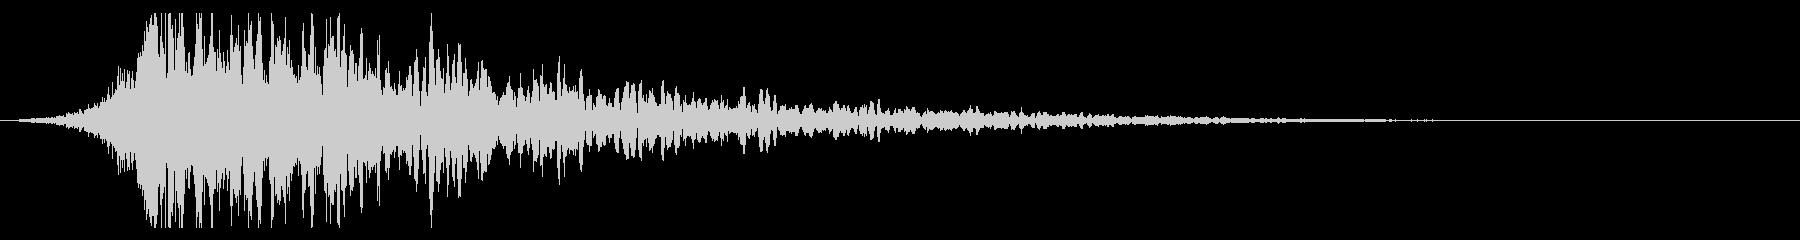 シュードーン-62-1(インパクト音)の未再生の波形